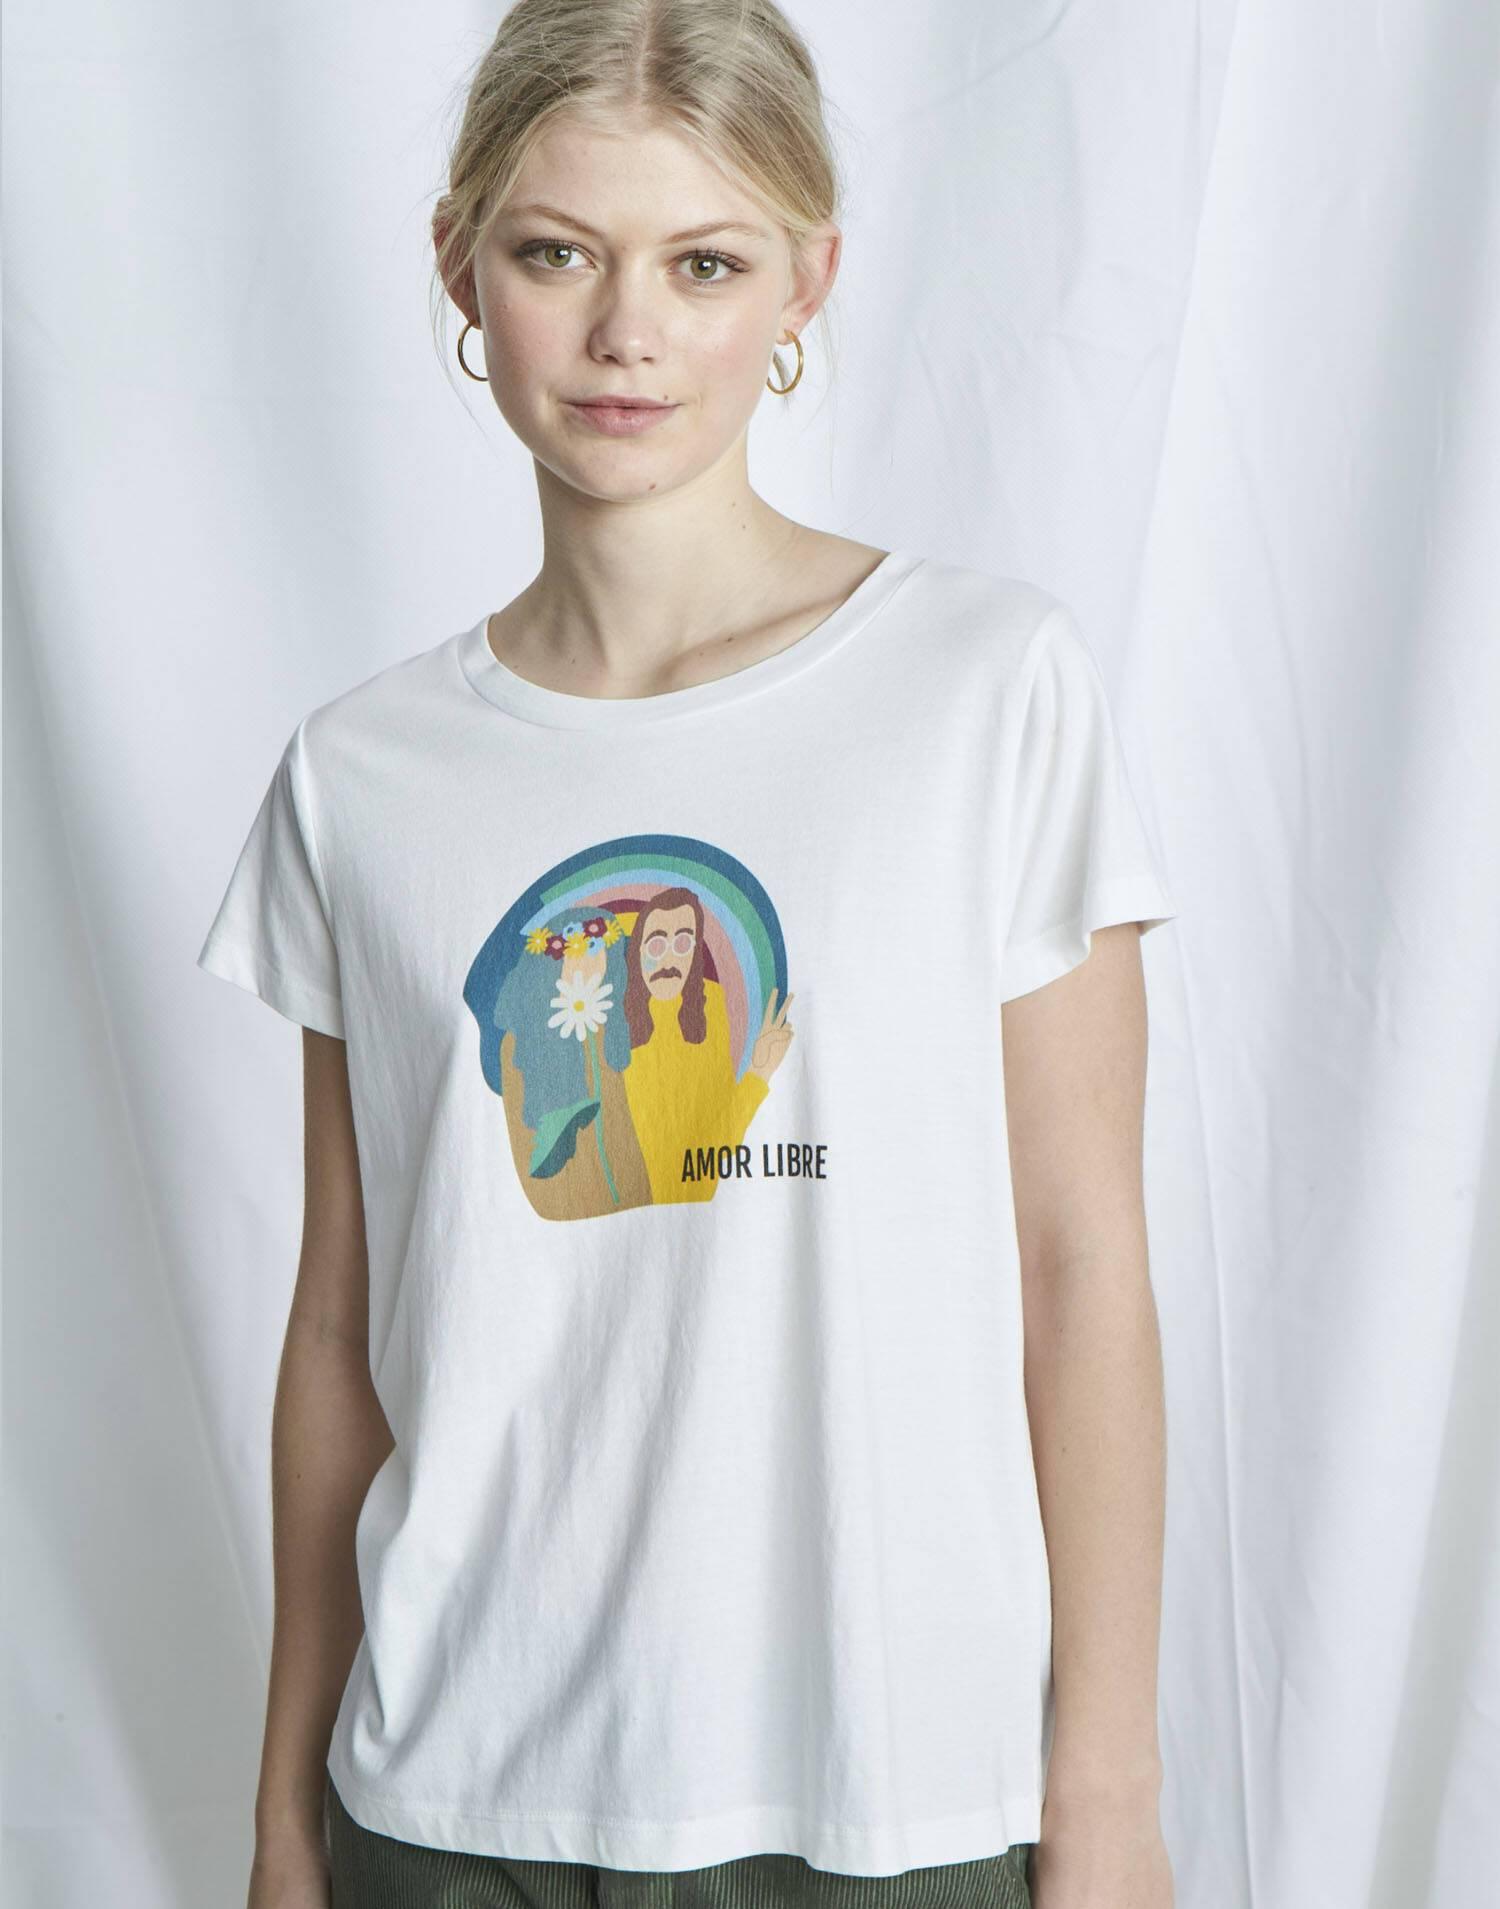 Maglietta organica amor libre